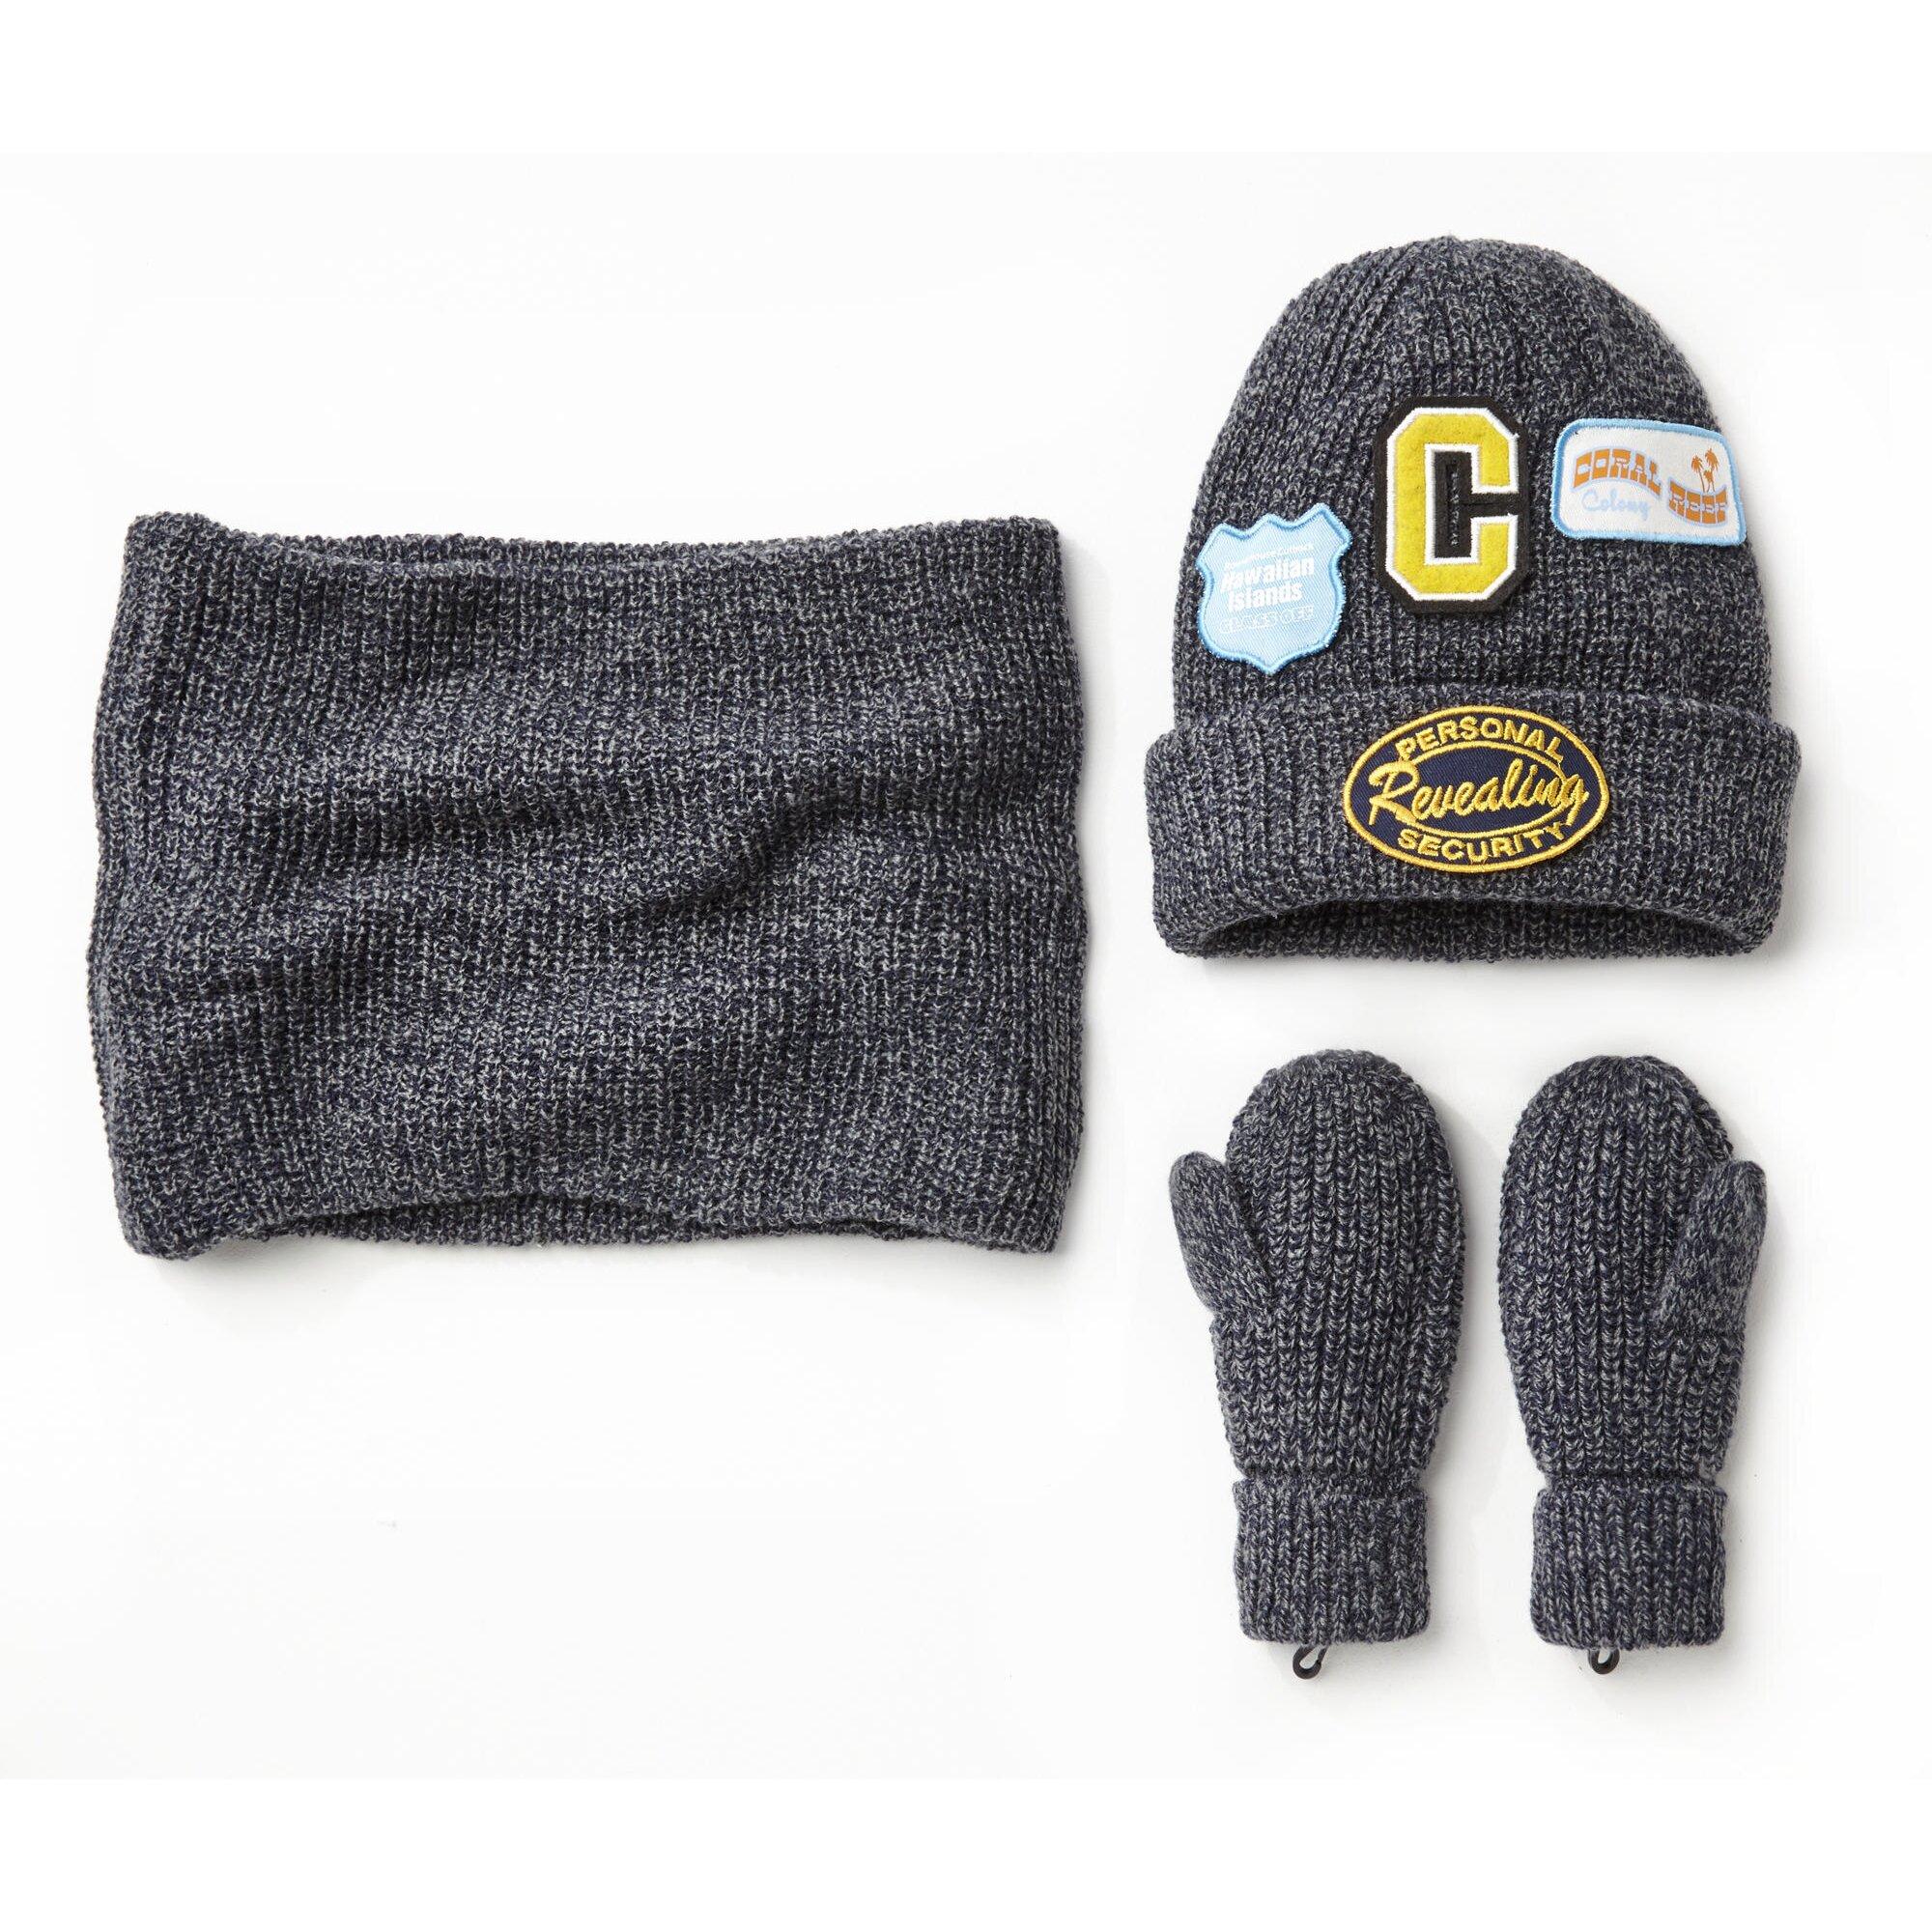 vertbaudet-set-aus-mutze-rundschal-und-handschuhen